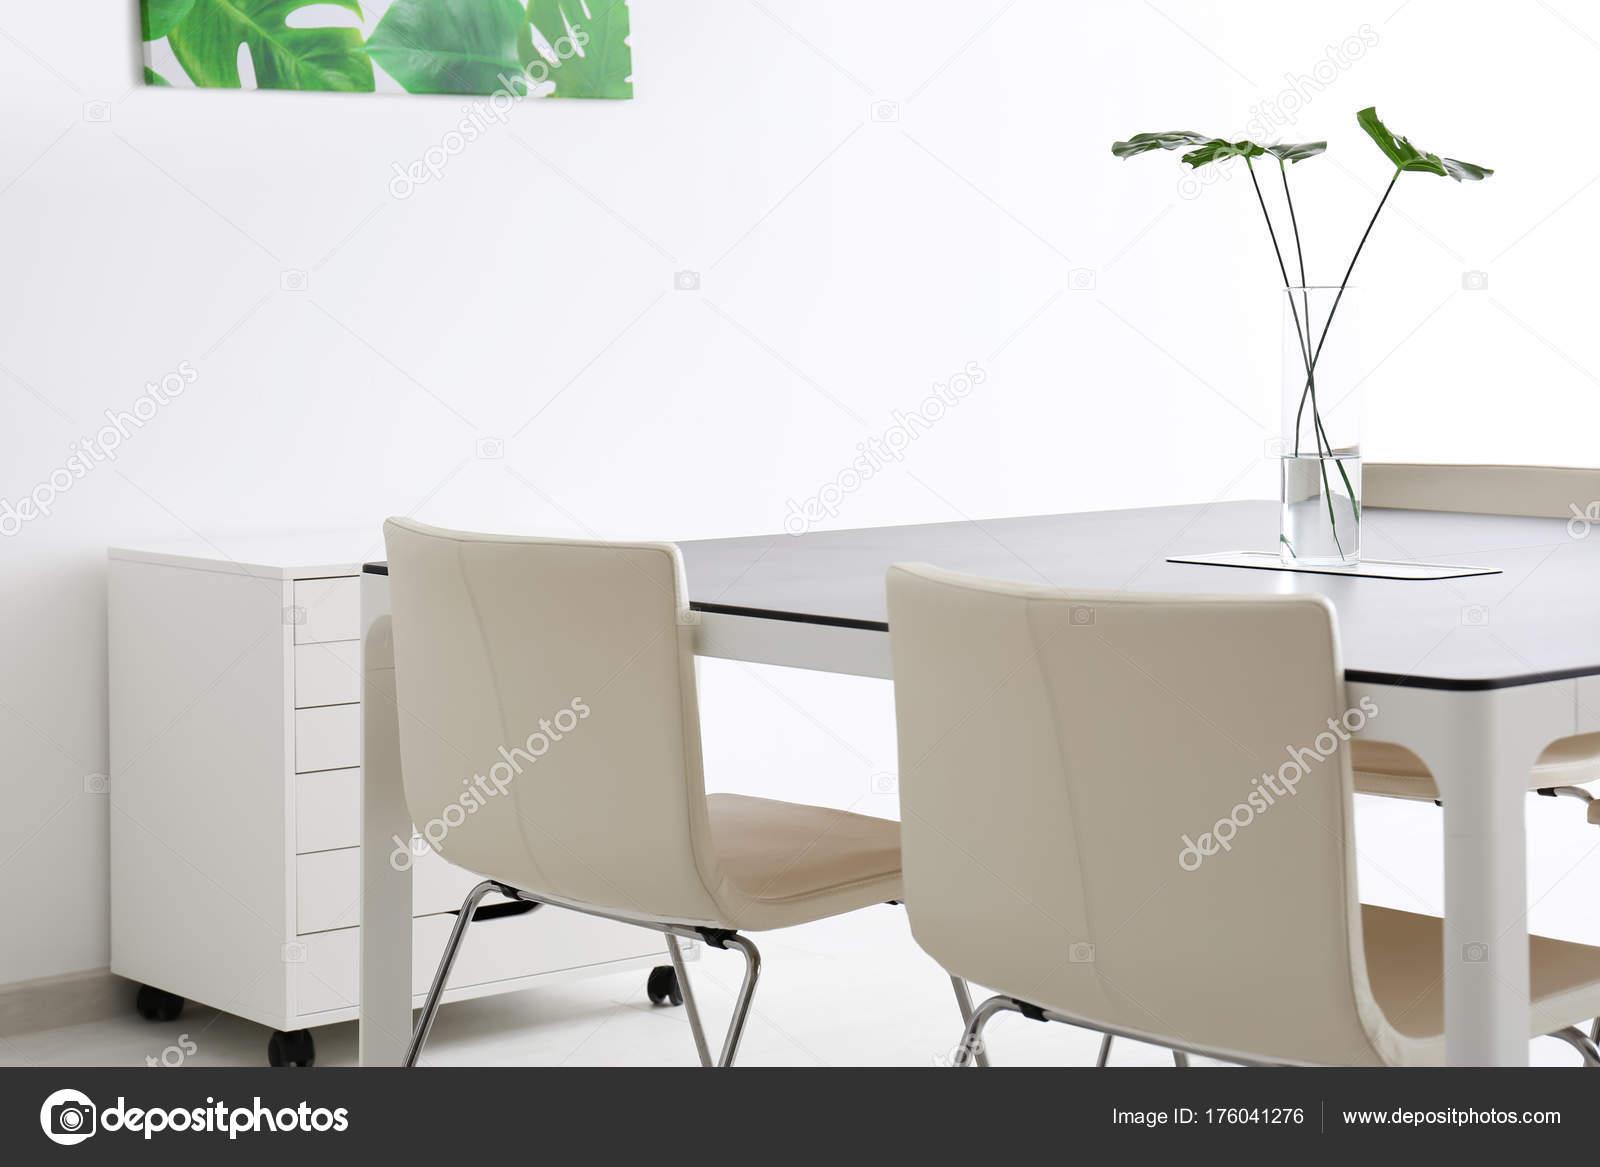 De Grande Sillas Interior Foto Mesa Blancas — Oficina Moderna Con yONnm80vw